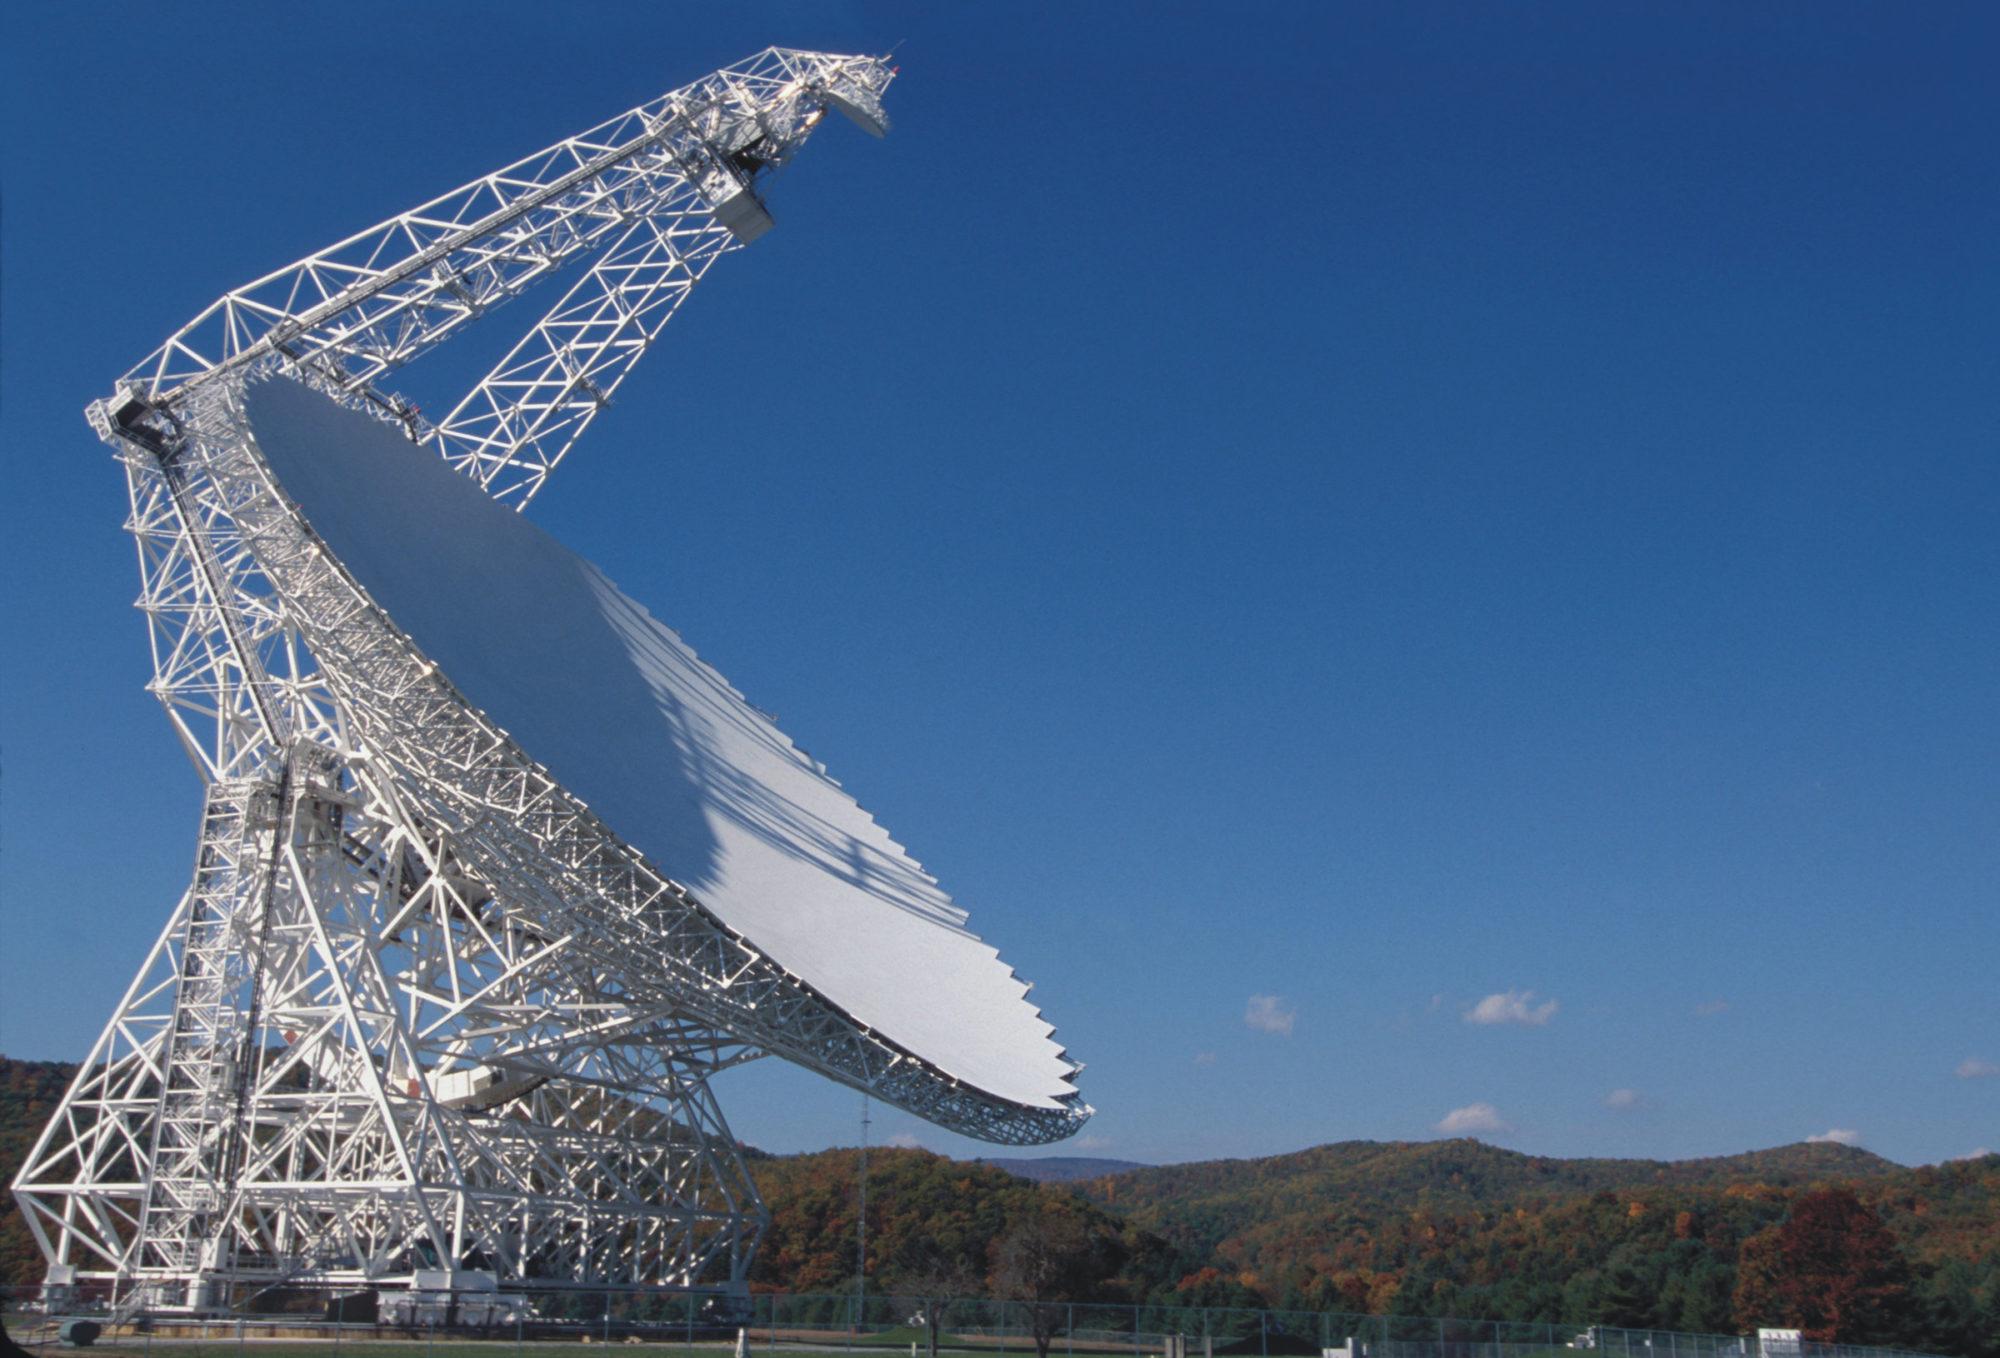 Інопланетян не знайшли: в США зупиняють проєкт з пошуку позаземних цивілізацій - позаземне життя, НЛО - 10 proekt 2000x1358